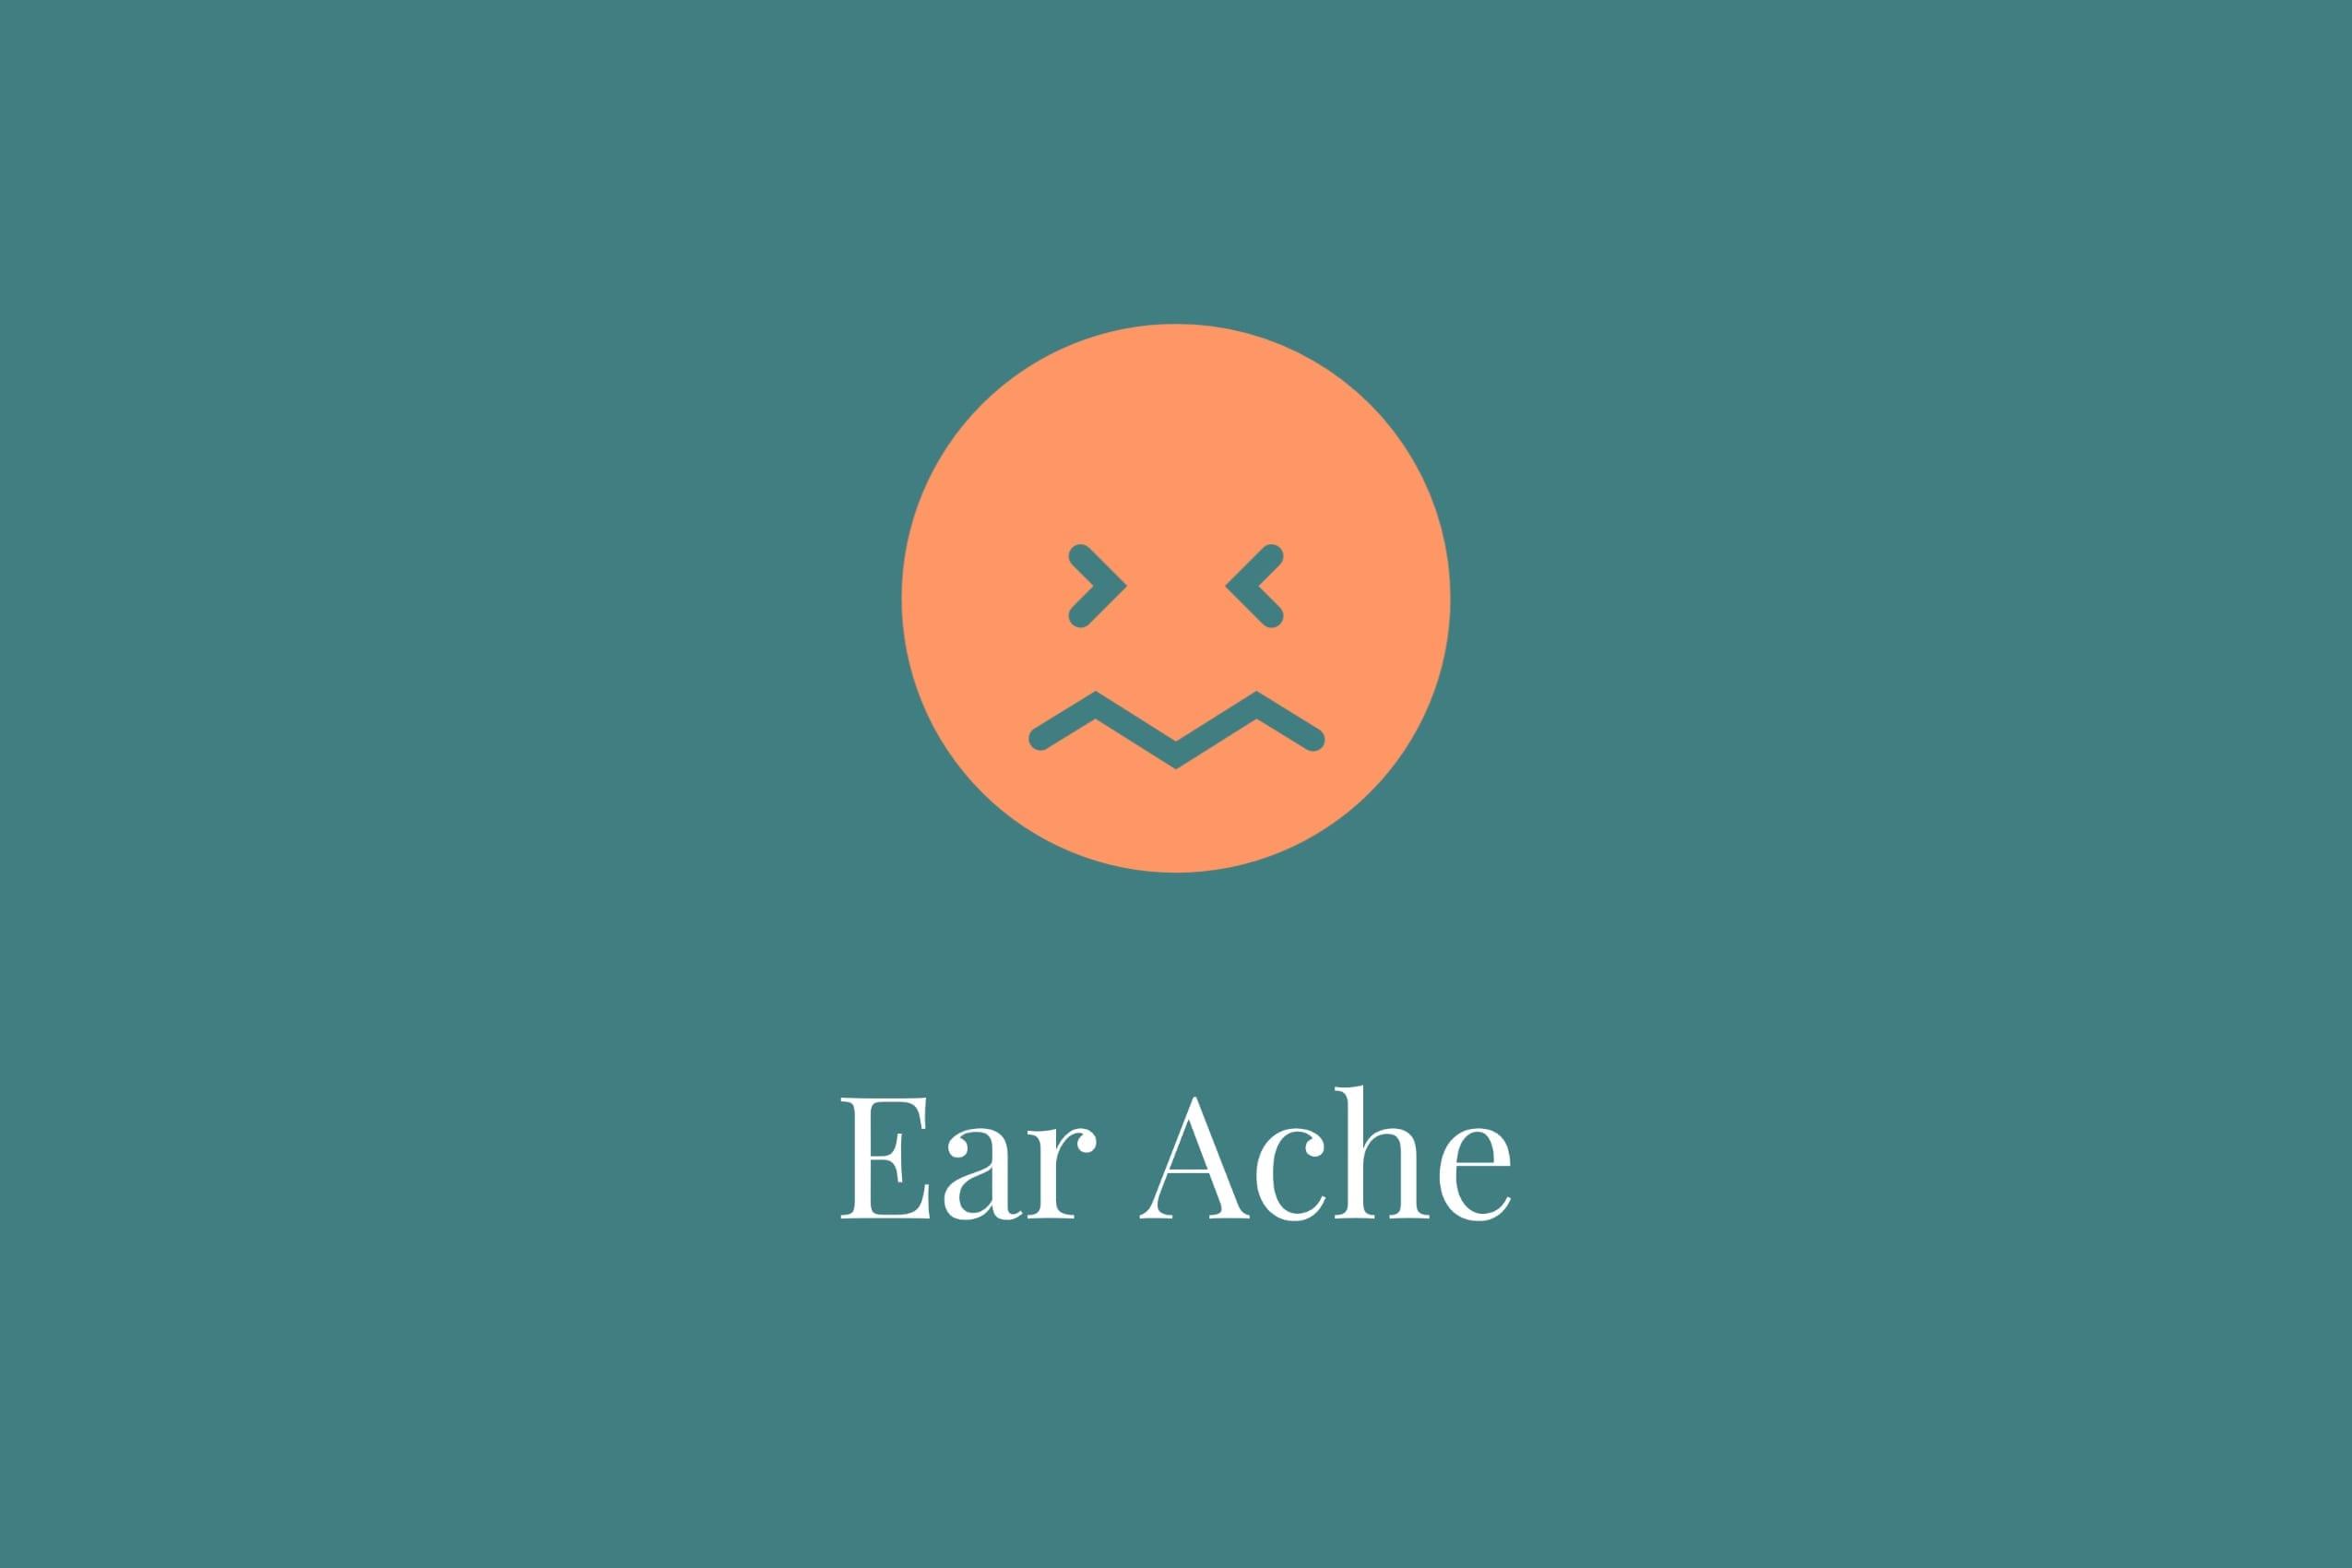 Ear complaint